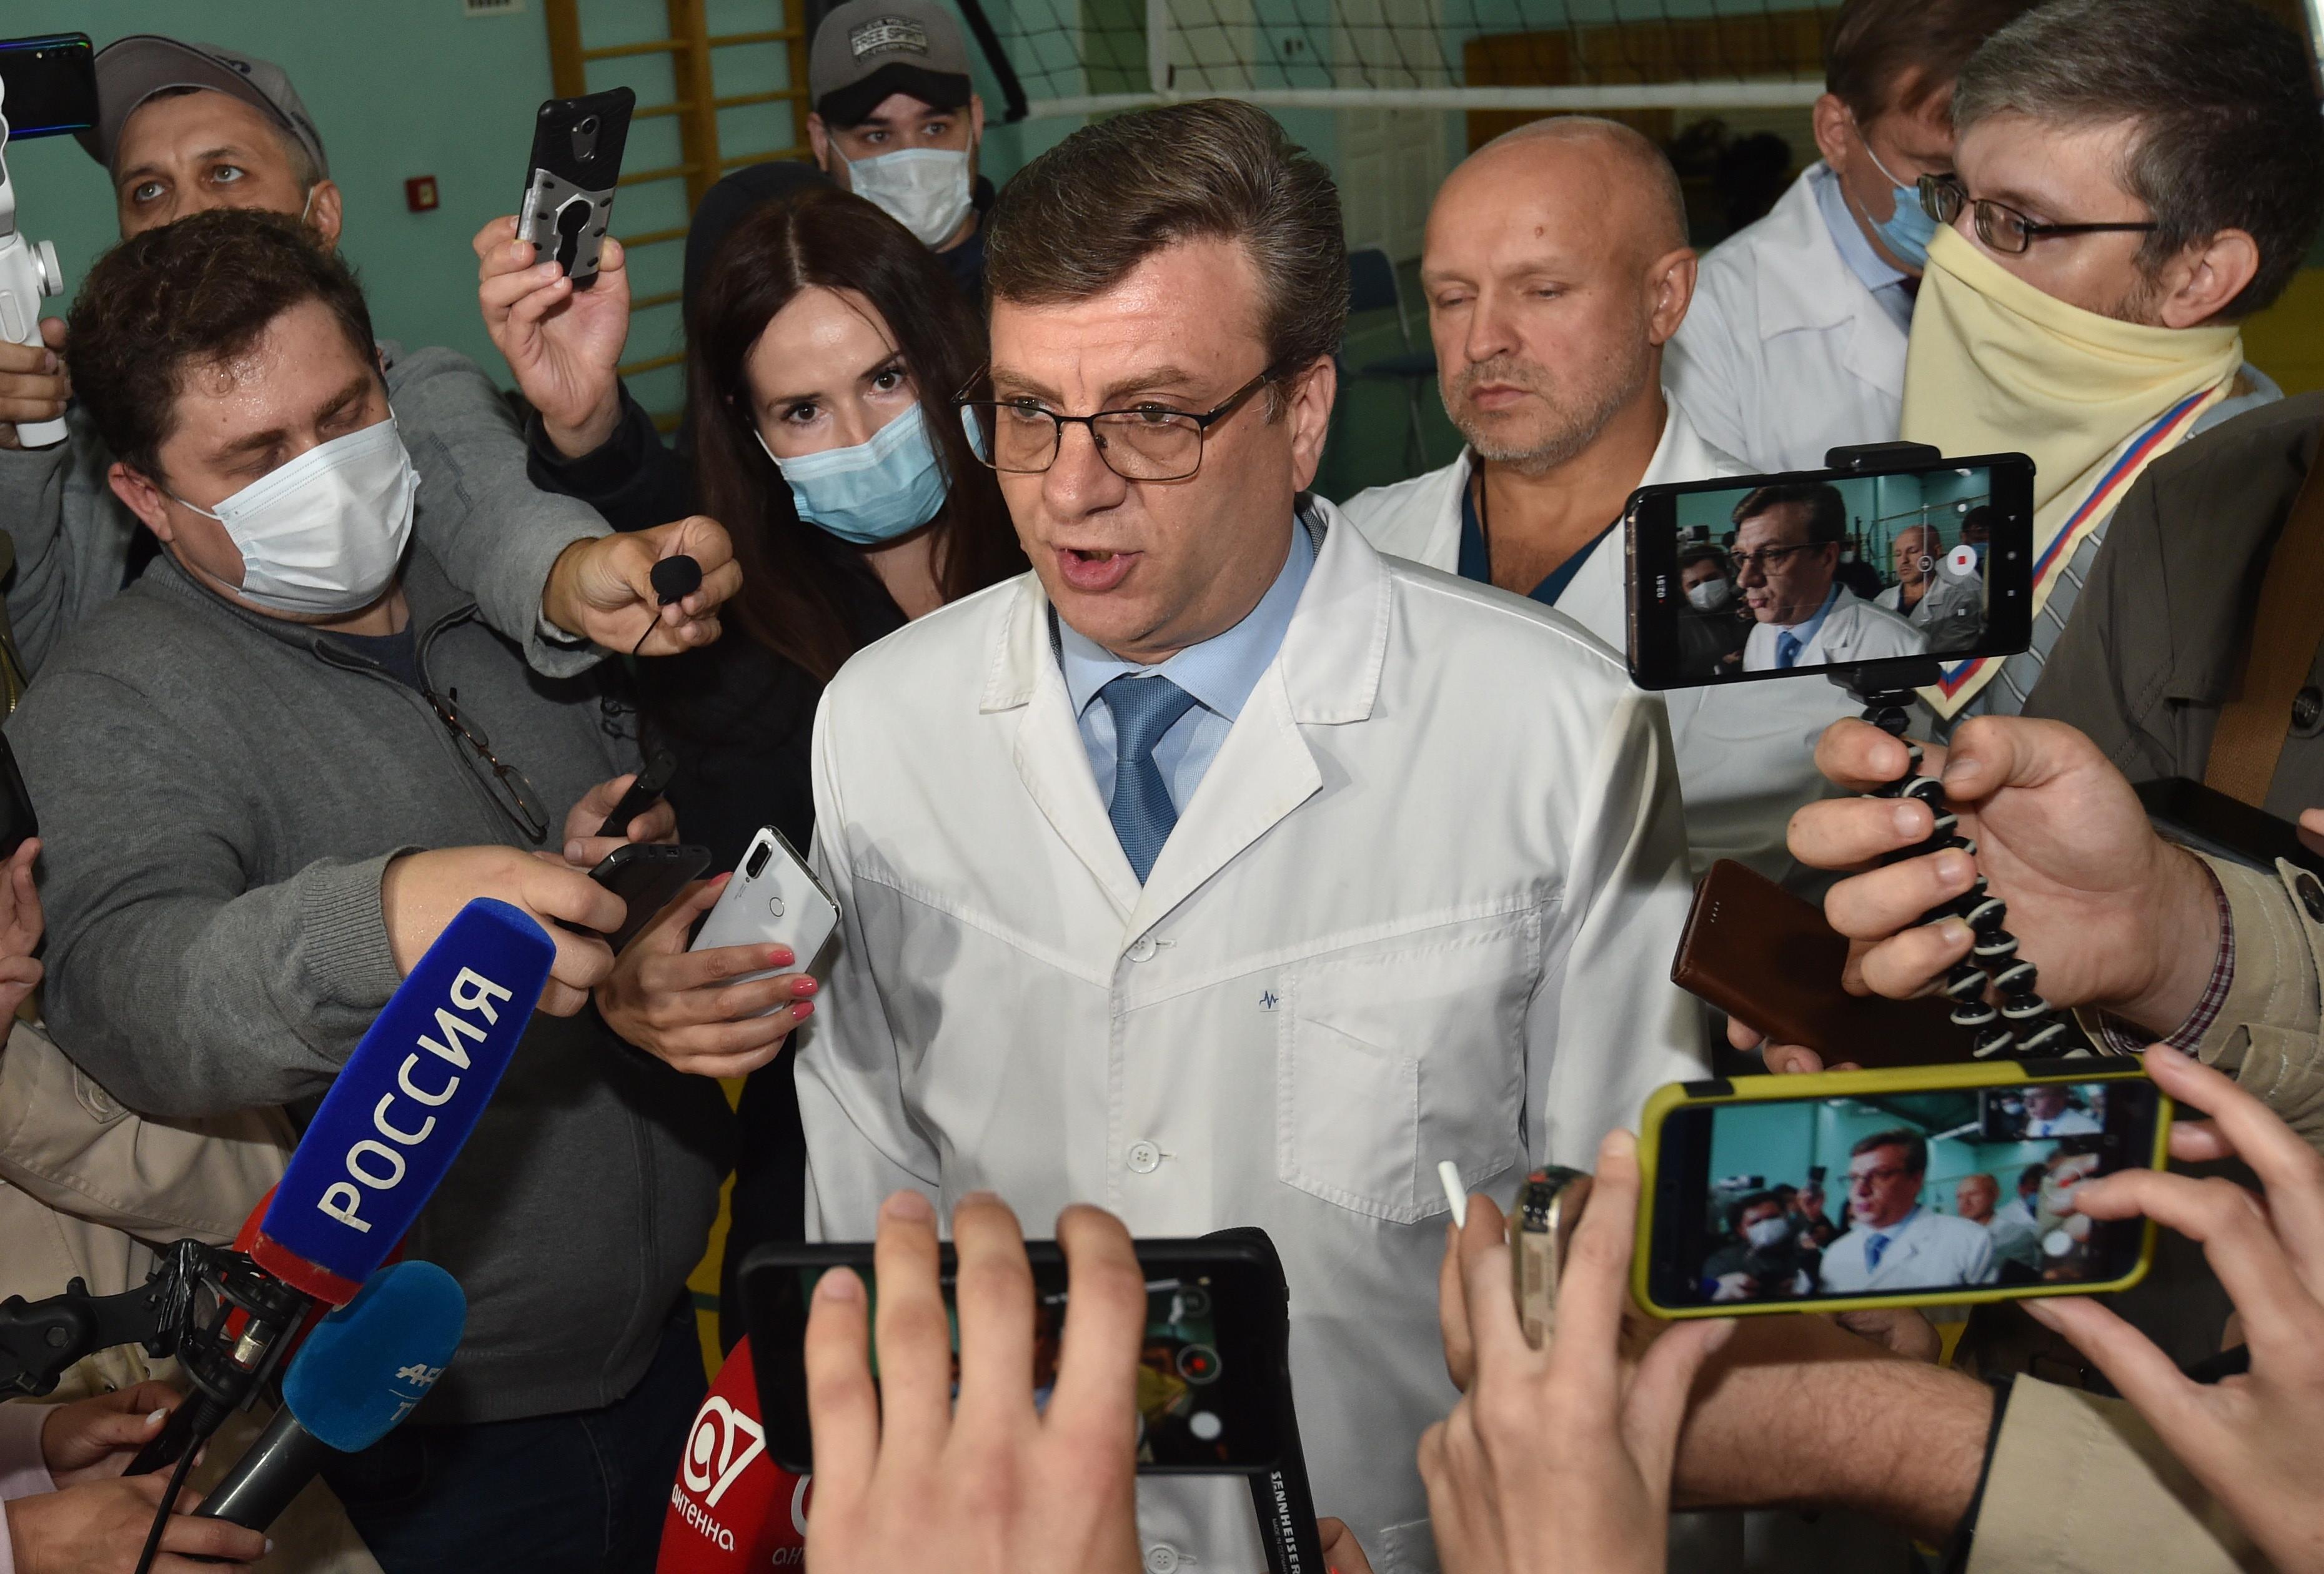 Aleksandr Murahovski, medicul-şef al spitalului din Omsk unde a fost tratat Navalnii, a fost dat disparut